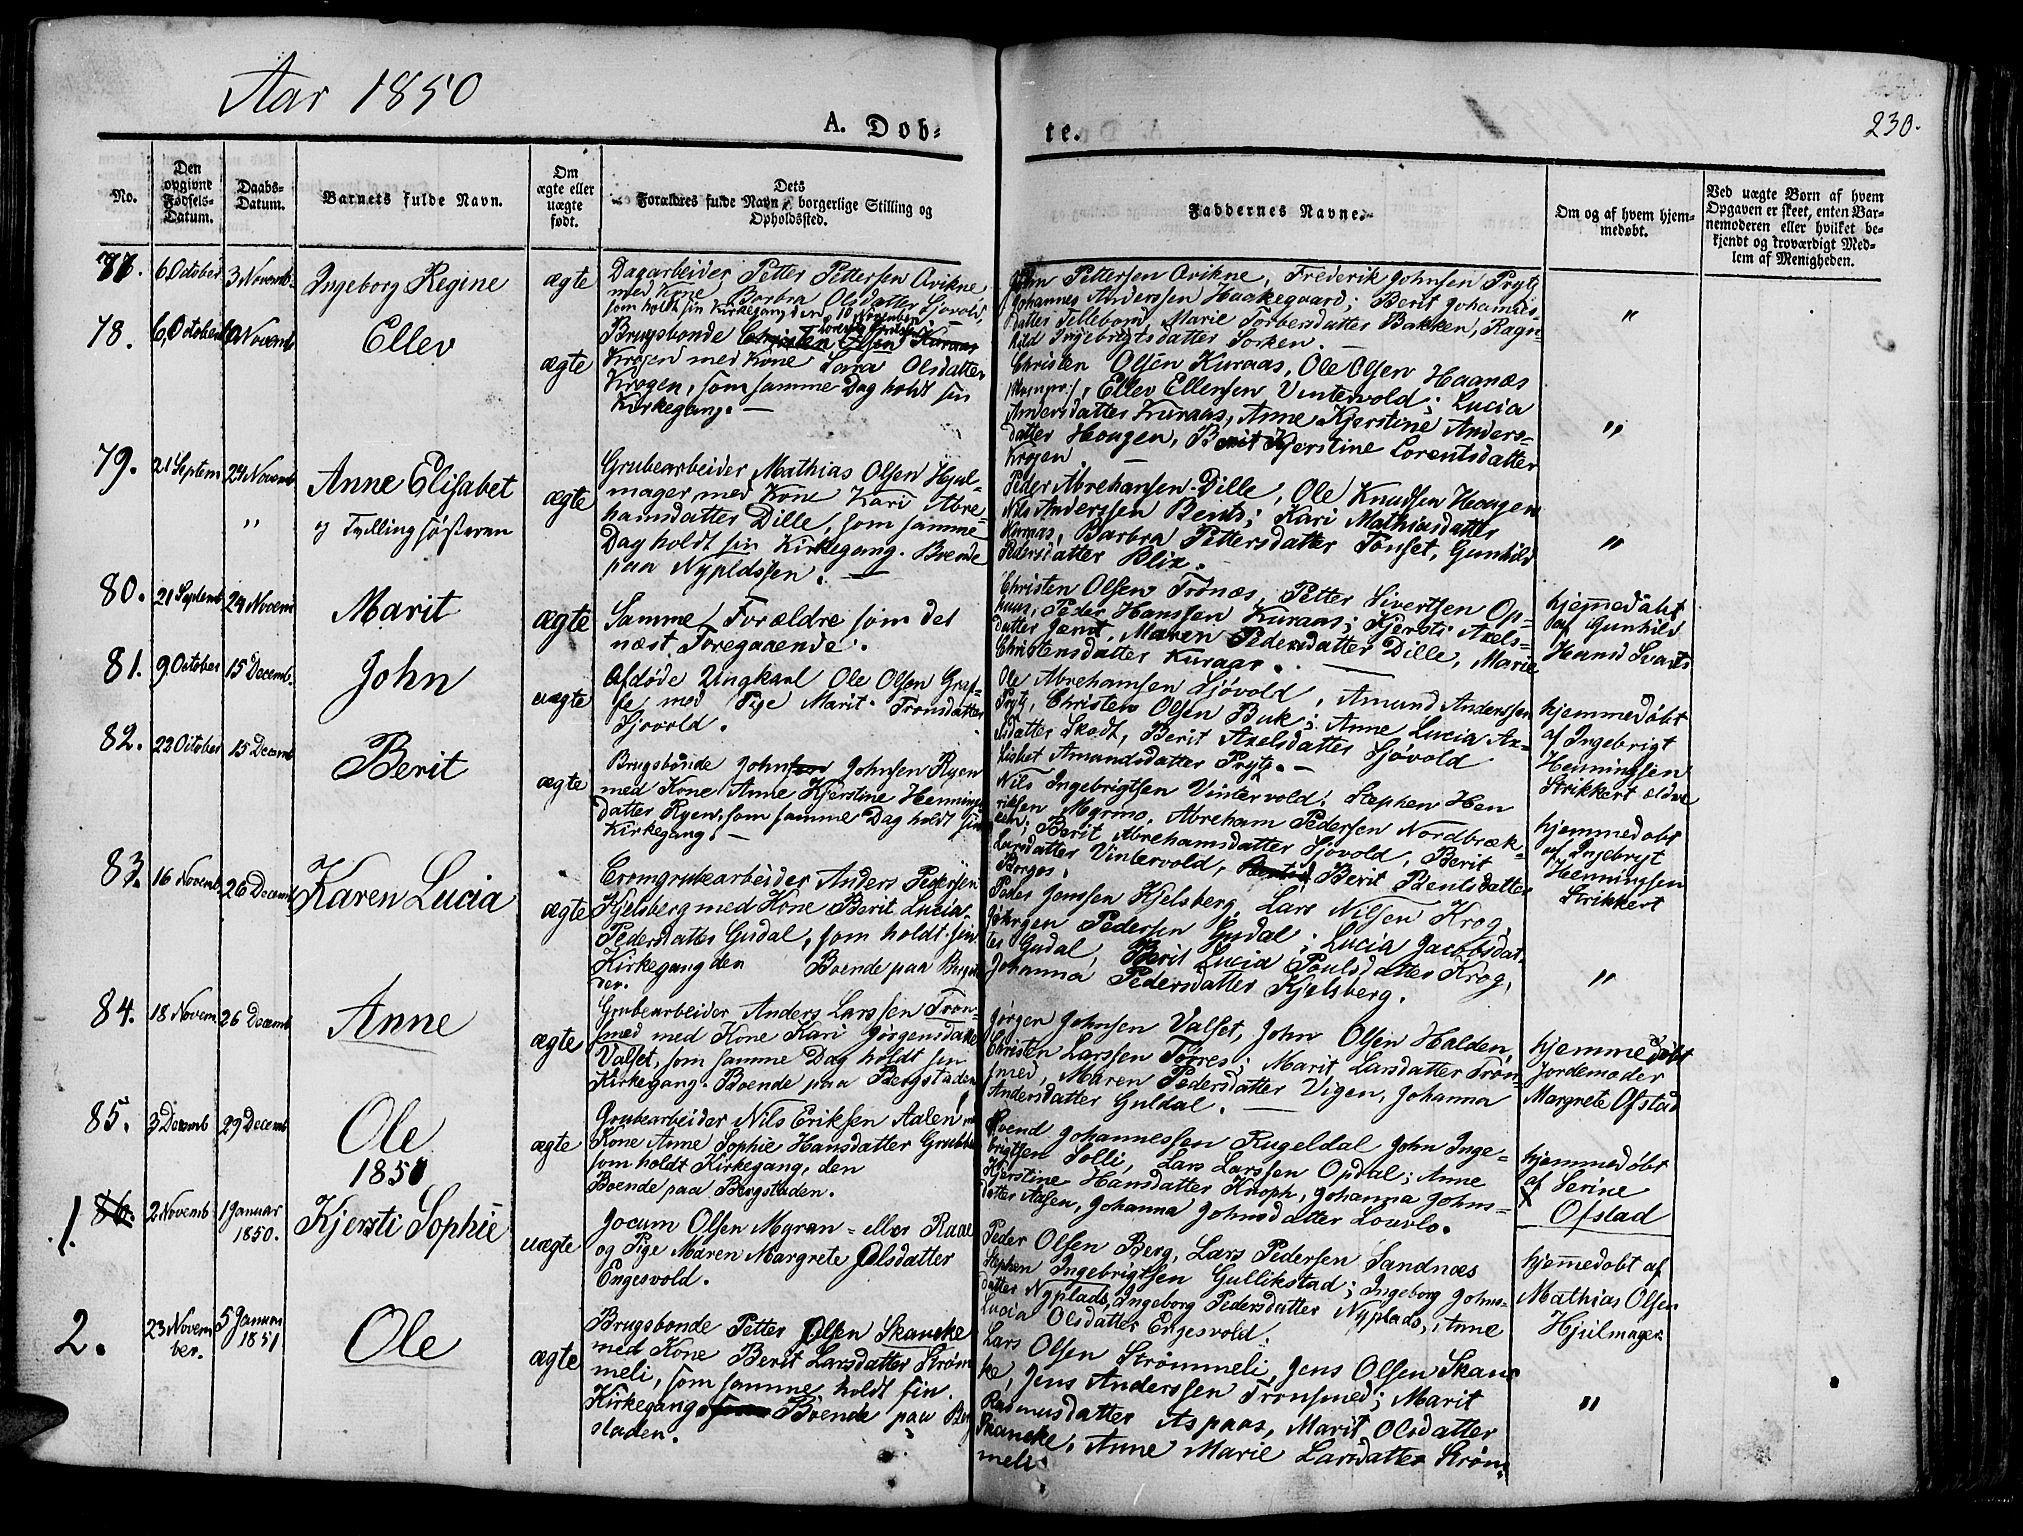 SAT, Ministerialprotokoller, klokkerbøker og fødselsregistre - Sør-Trøndelag, 681/L0938: Klokkerbok nr. 681C02, 1829-1879, s. 230